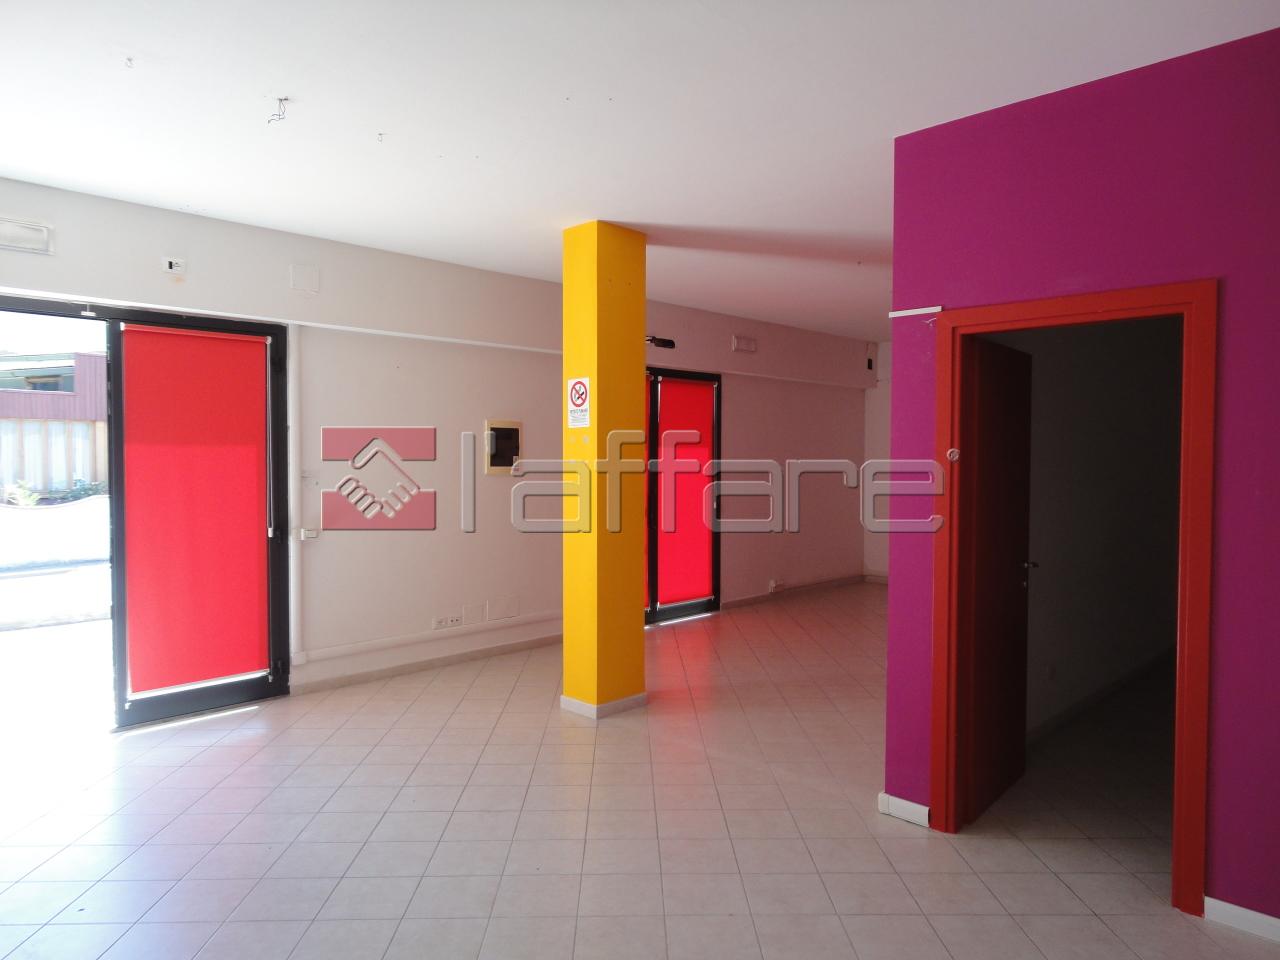 Negozio / Locale in affitto a Casciana Terme Lari, 1 locali, prezzo € 500 | CambioCasa.it